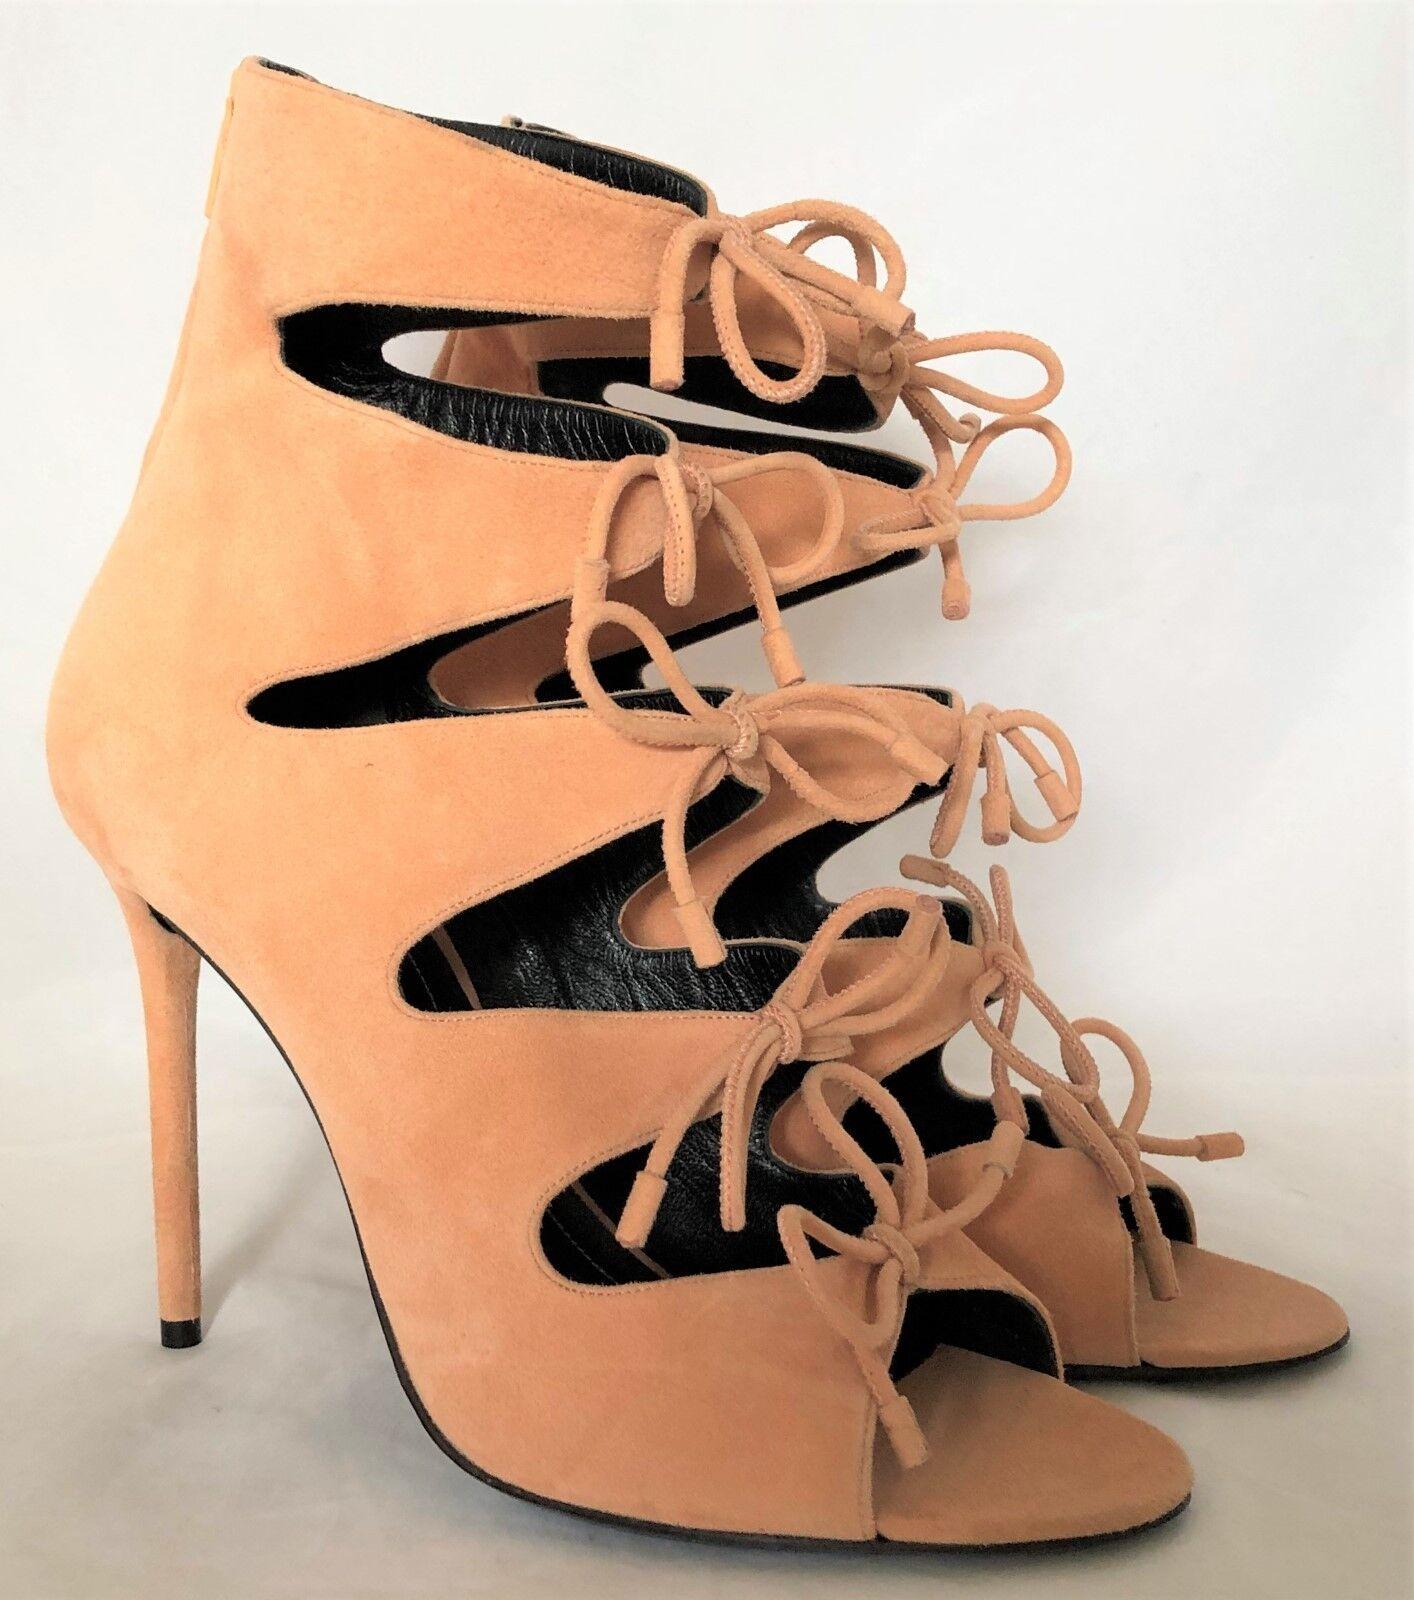 ffba76174 Nuevo Balenciaga Melocotón Gamuza Cremallera Bota puntera abierta sandalia  de bomba de Arco Tacón Alto 39IT 9US nwzmyn6872-zapatos nuevos